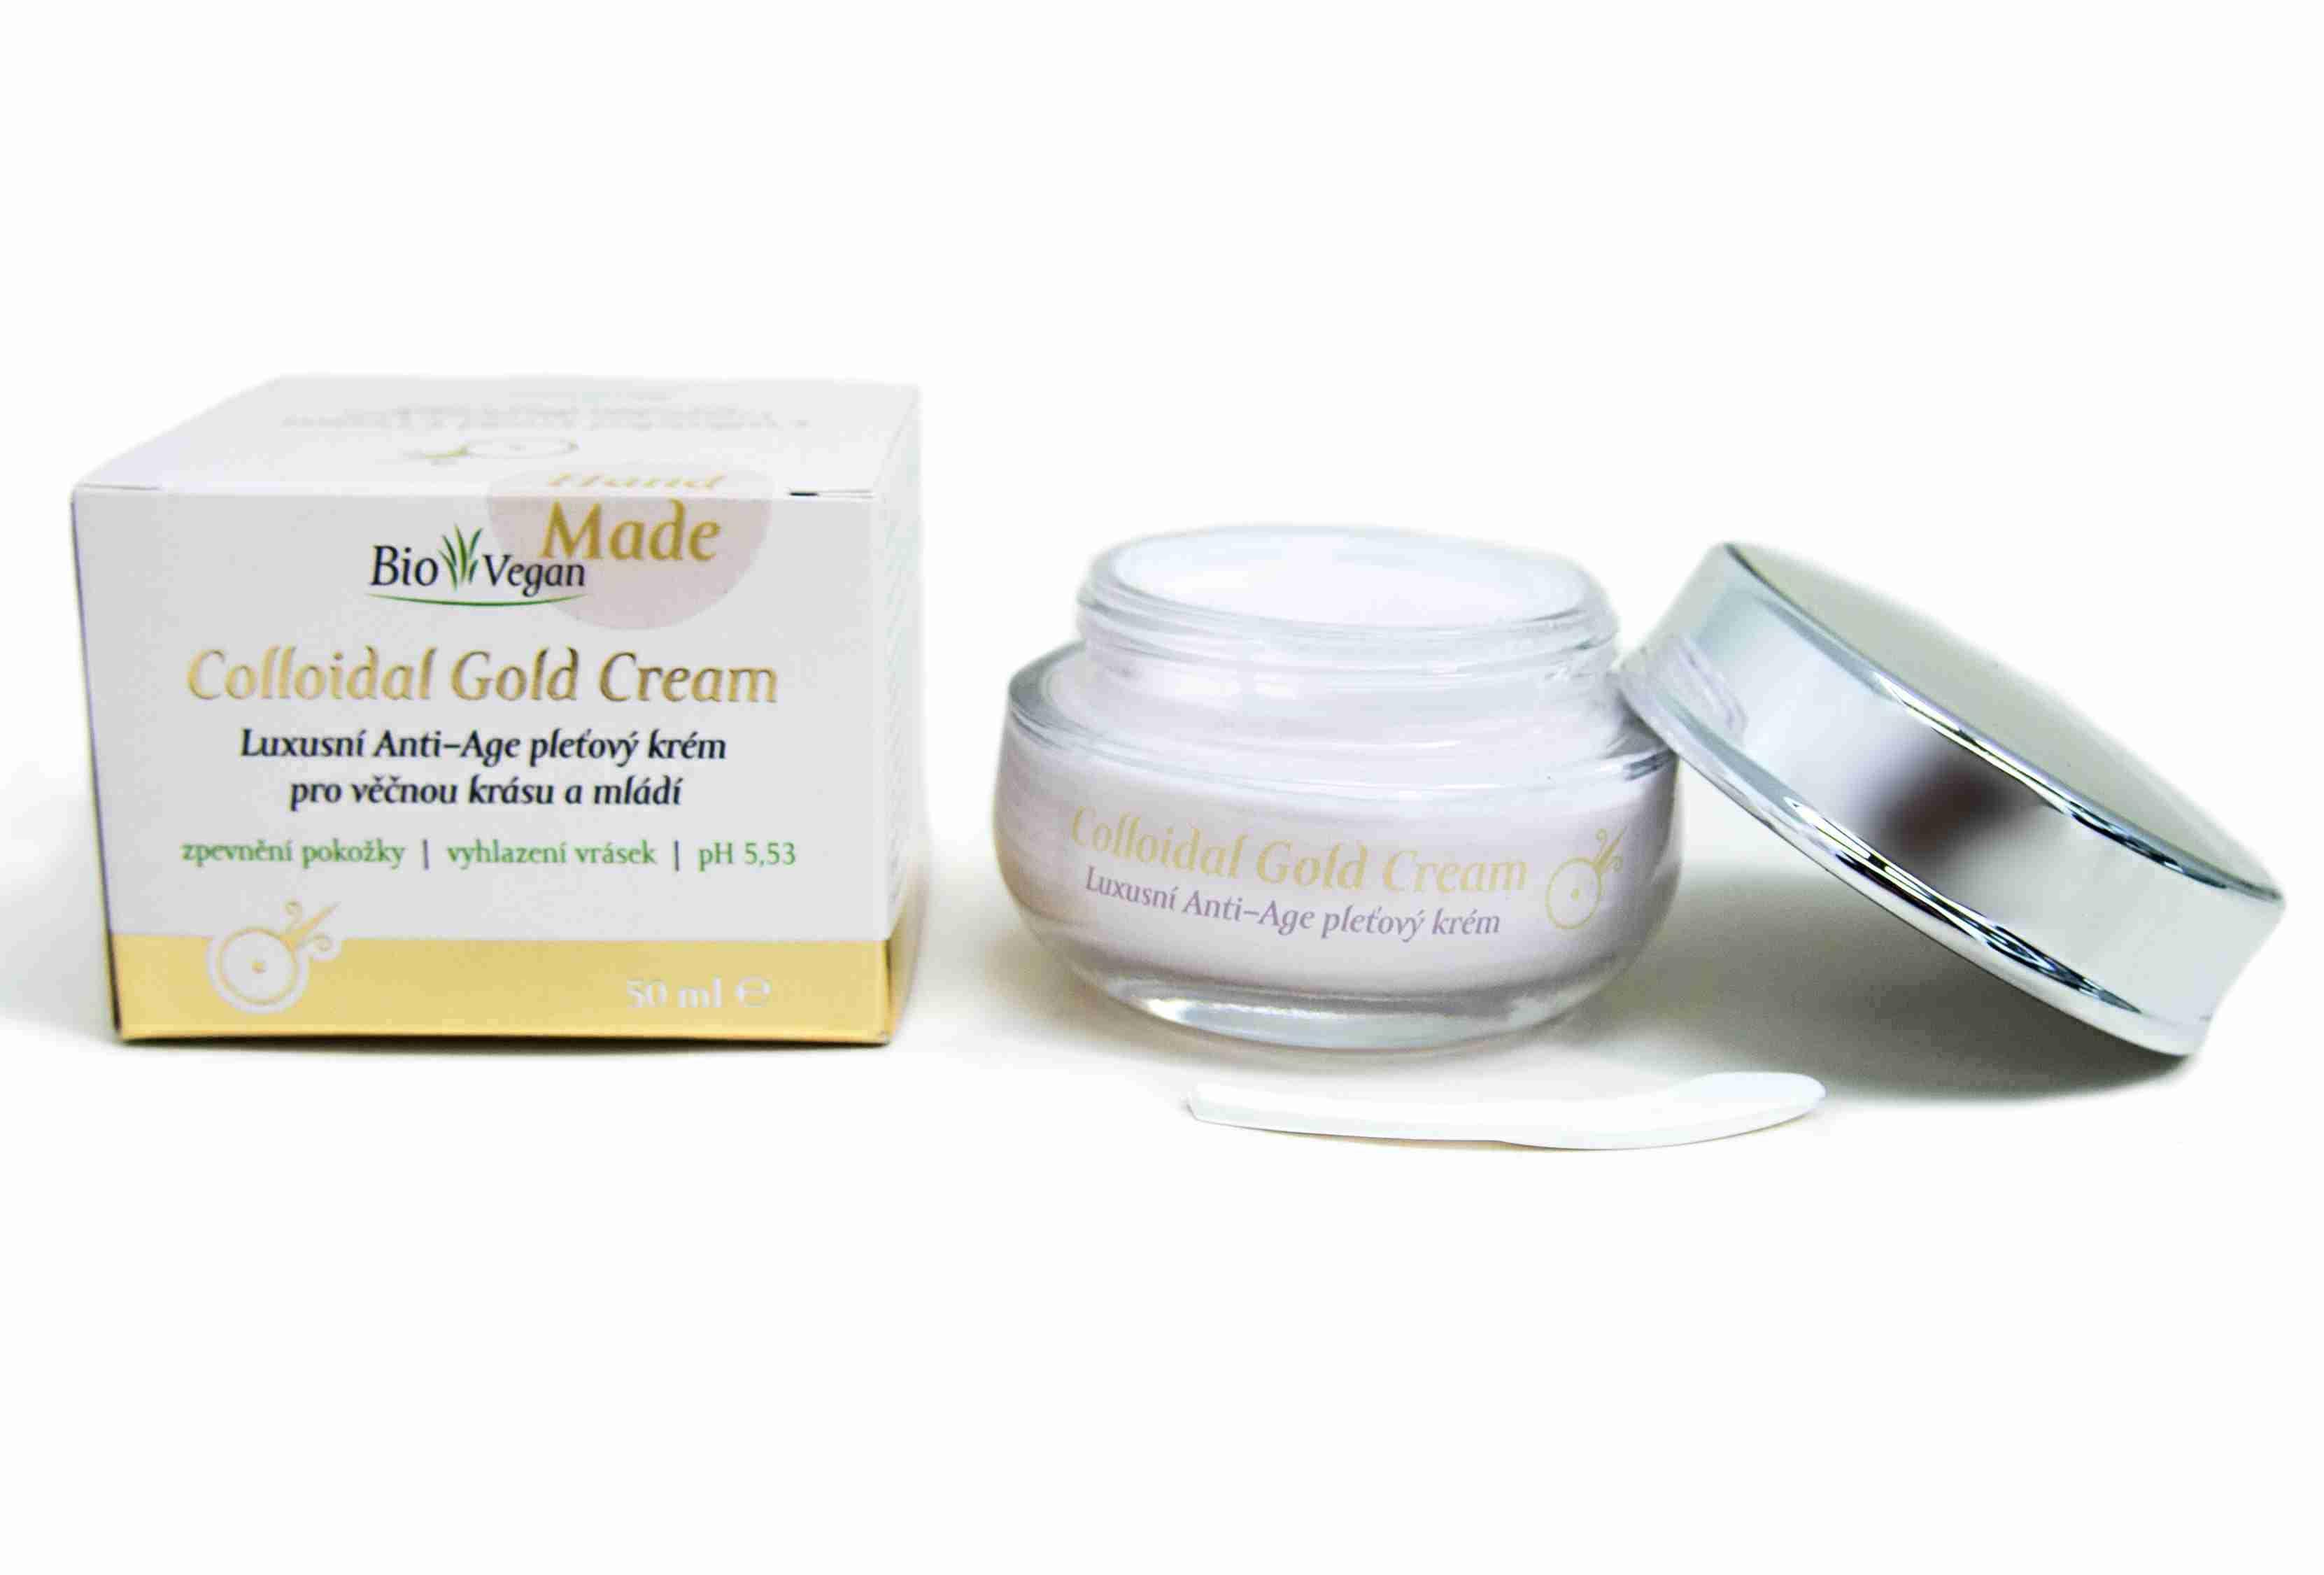 Lakshmi-Narayan Colloidal Gold Cream Luxusní anti-age pleťový krém pro věčnou krásu a mládí 50 ml